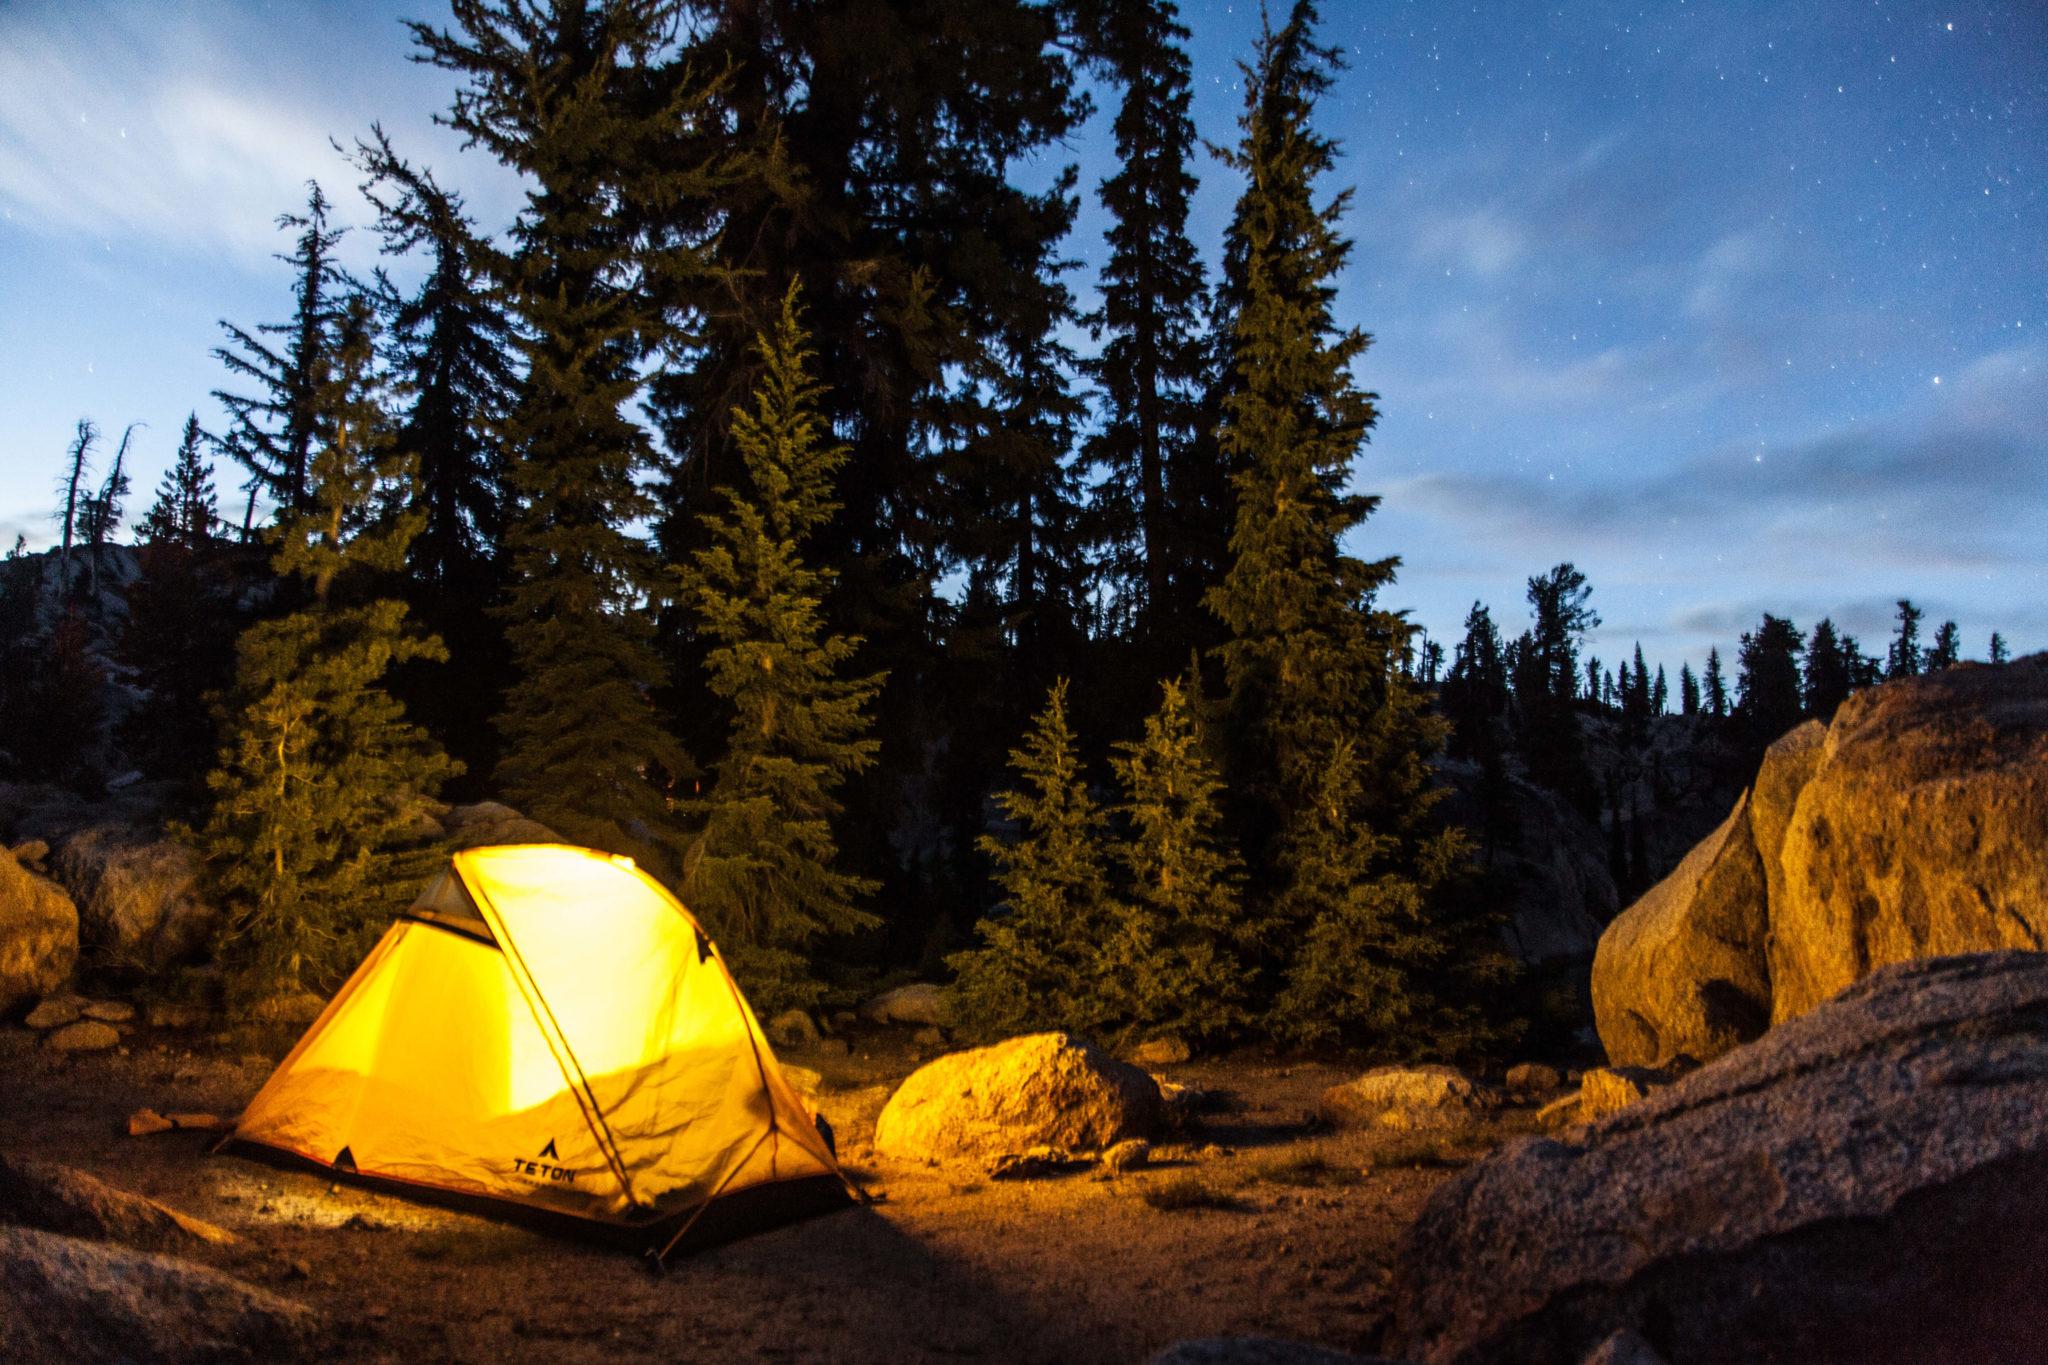 Teton Sports Mountain Ultra 1 Tent - littlegrunts.com